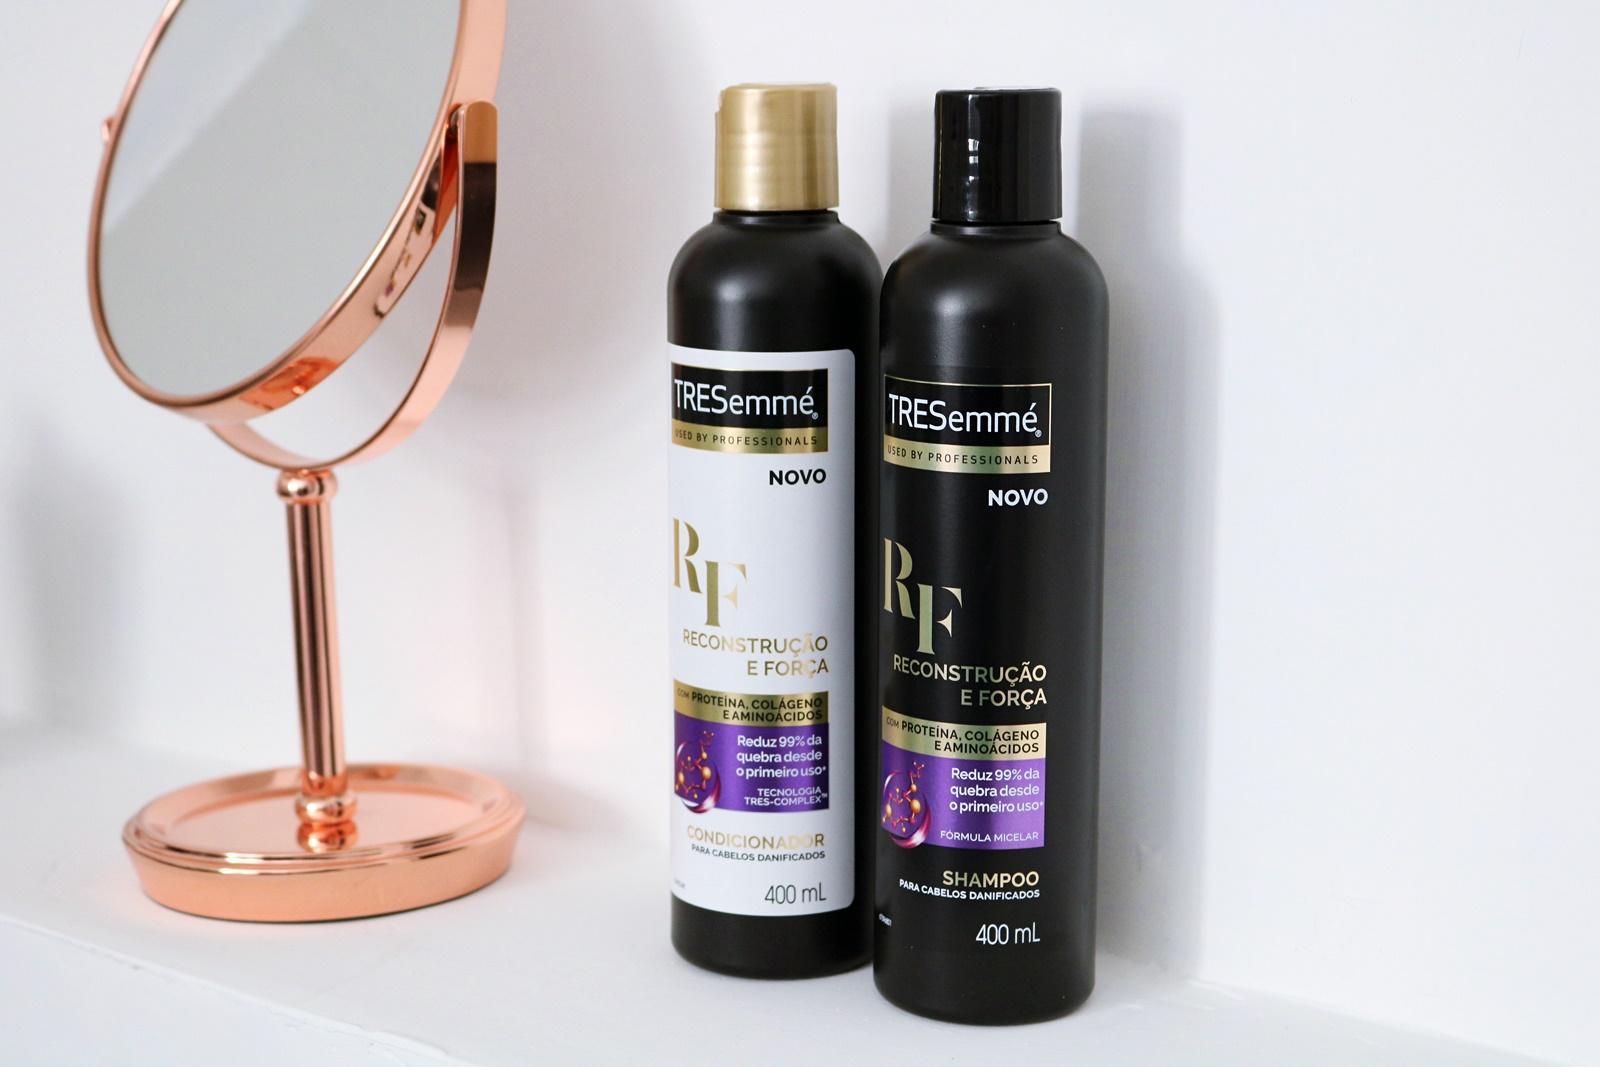 Resenha: TRESemmé Reconstrução e Força Shampoo Condicionador